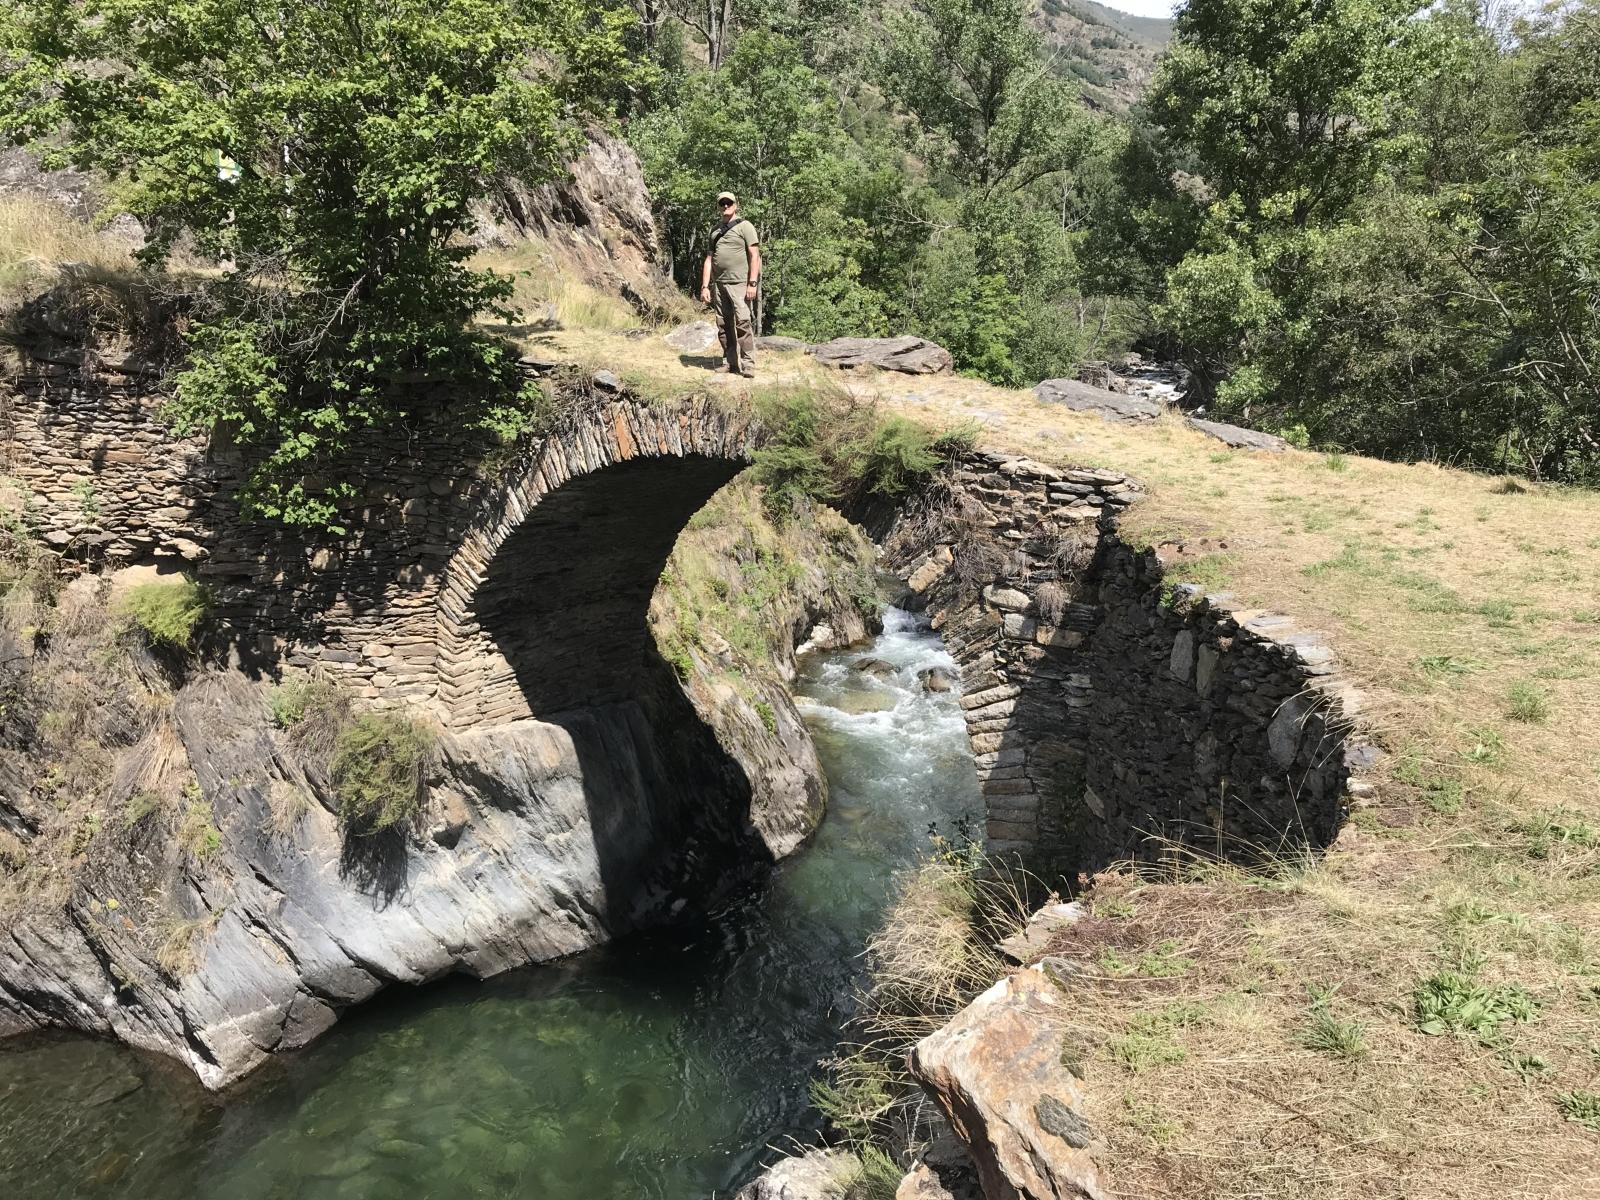 Willst Du Àrreu sehen, musst Du über diese Brücke gehen (und brauchst keine drei Fragen beantworten).